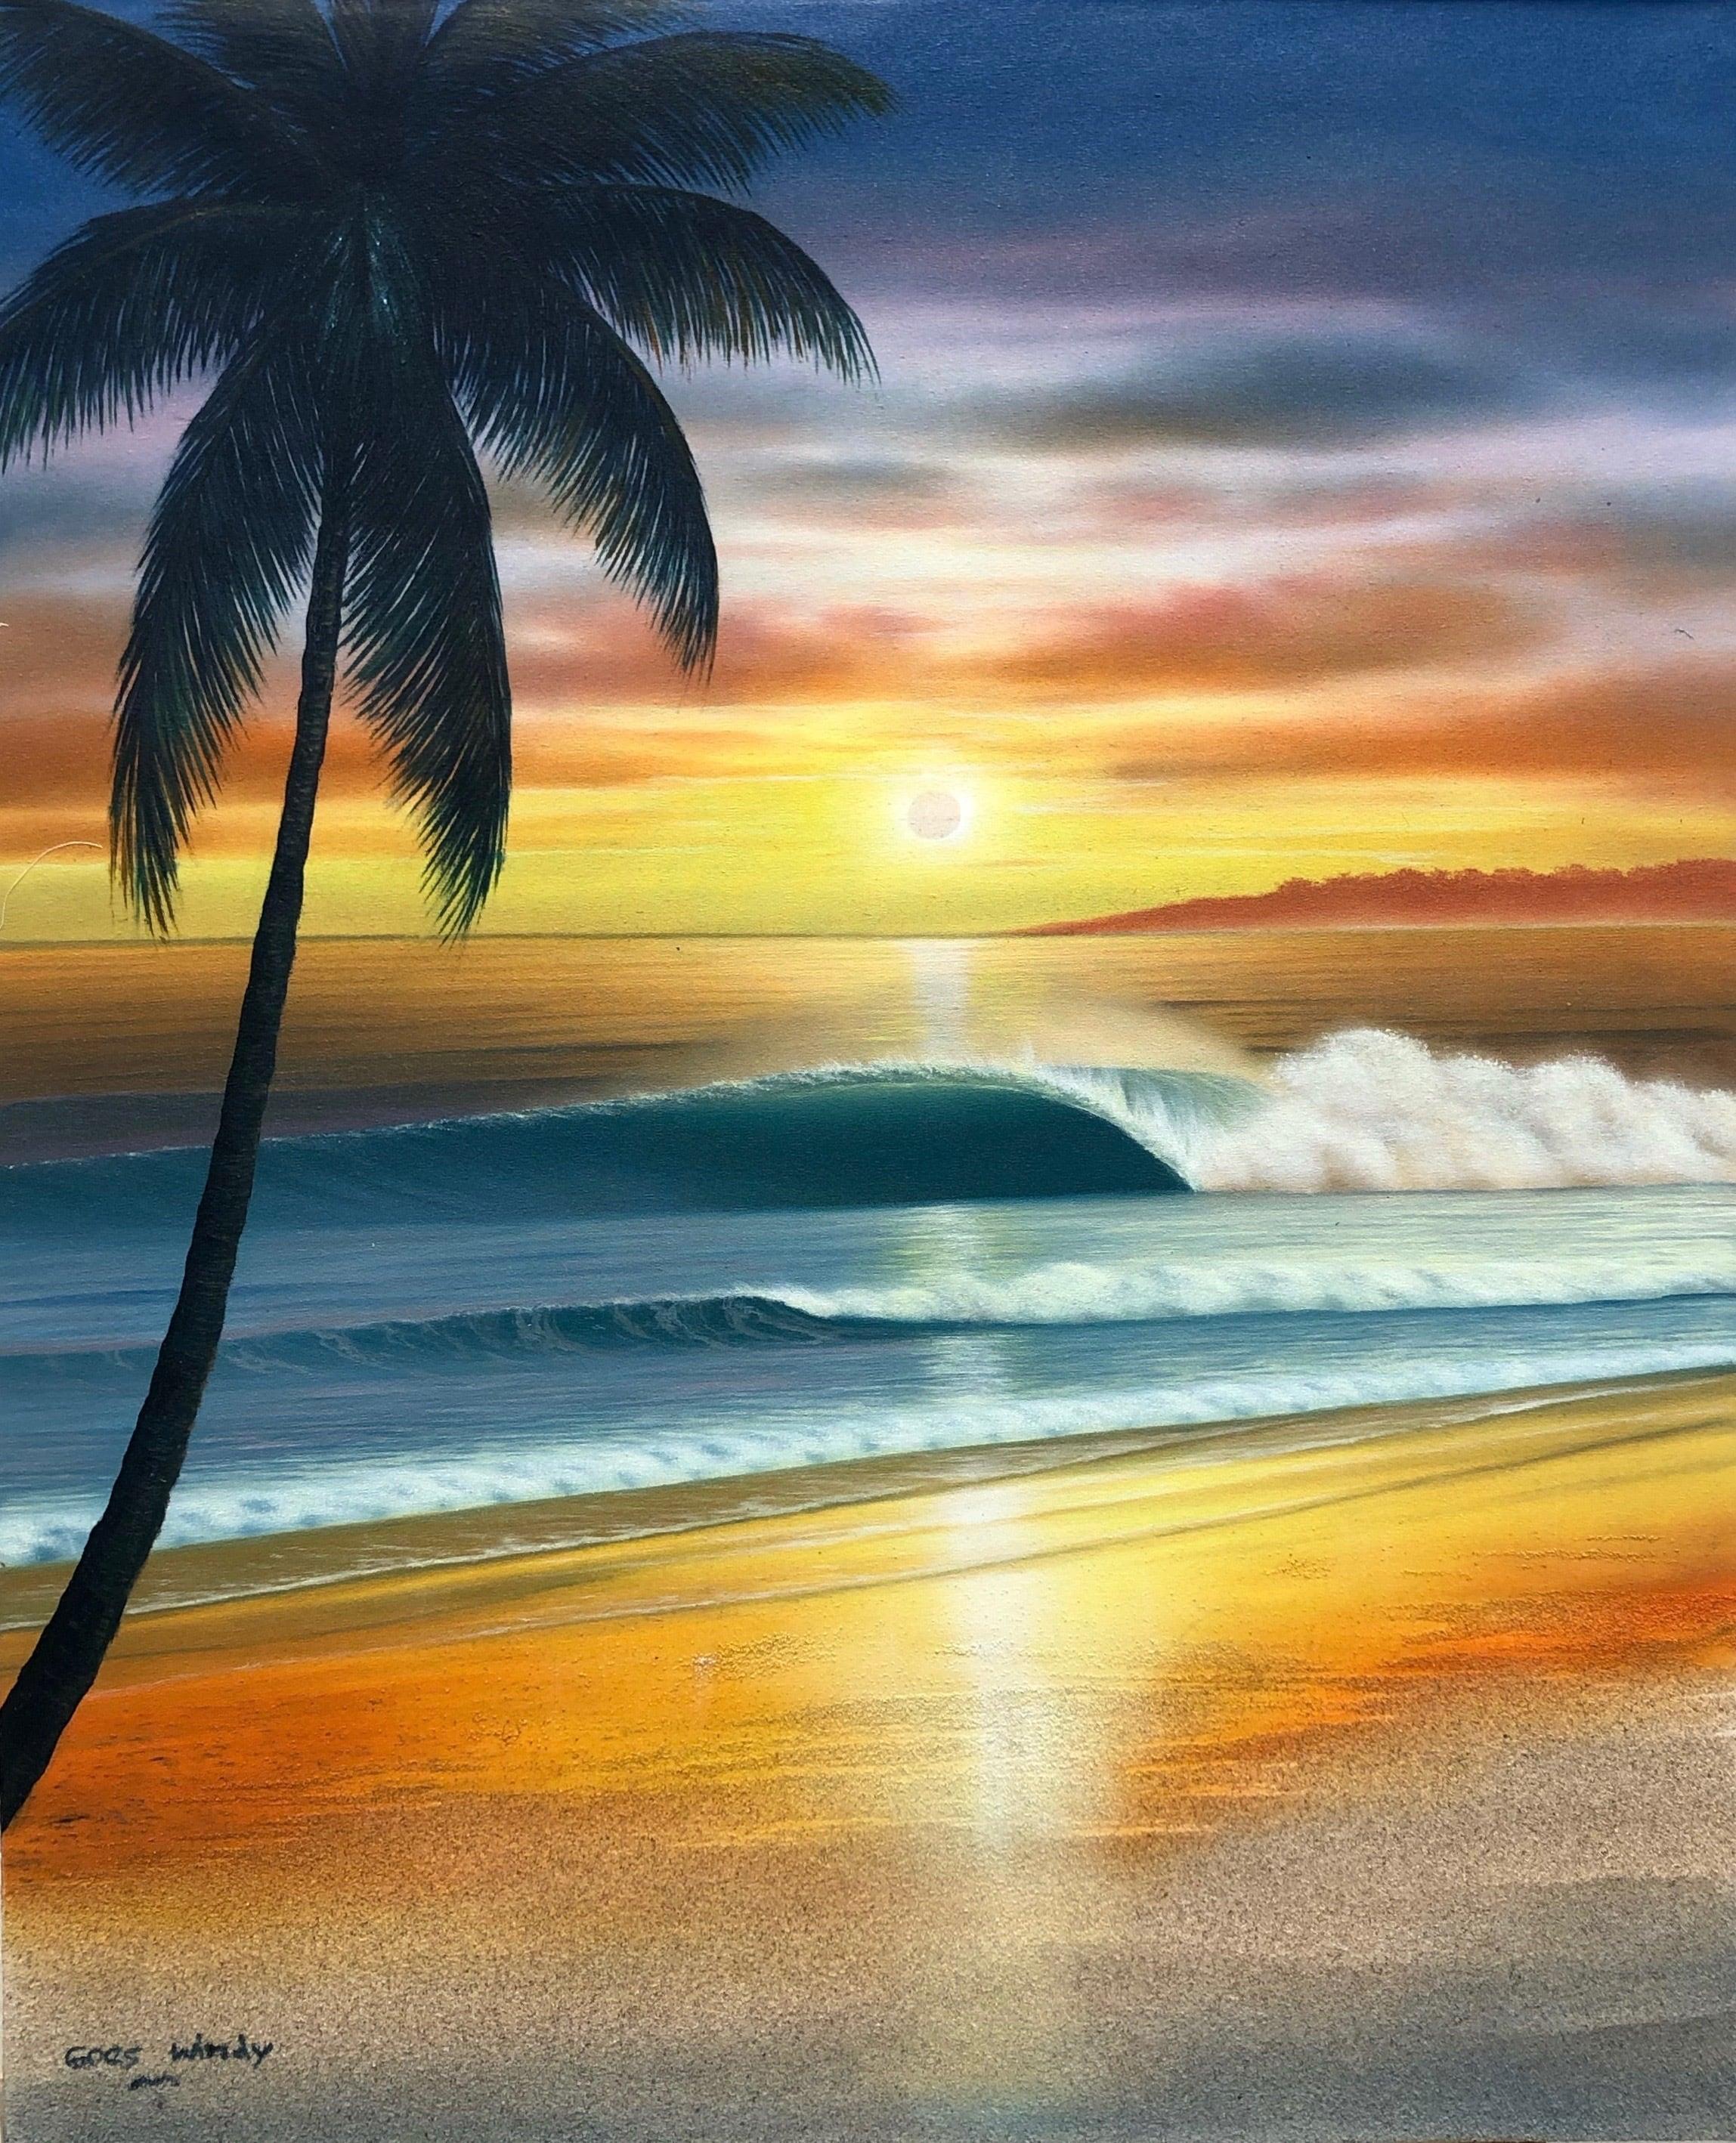 (商談中)Dreamland Wave Art F15 With Real Sand